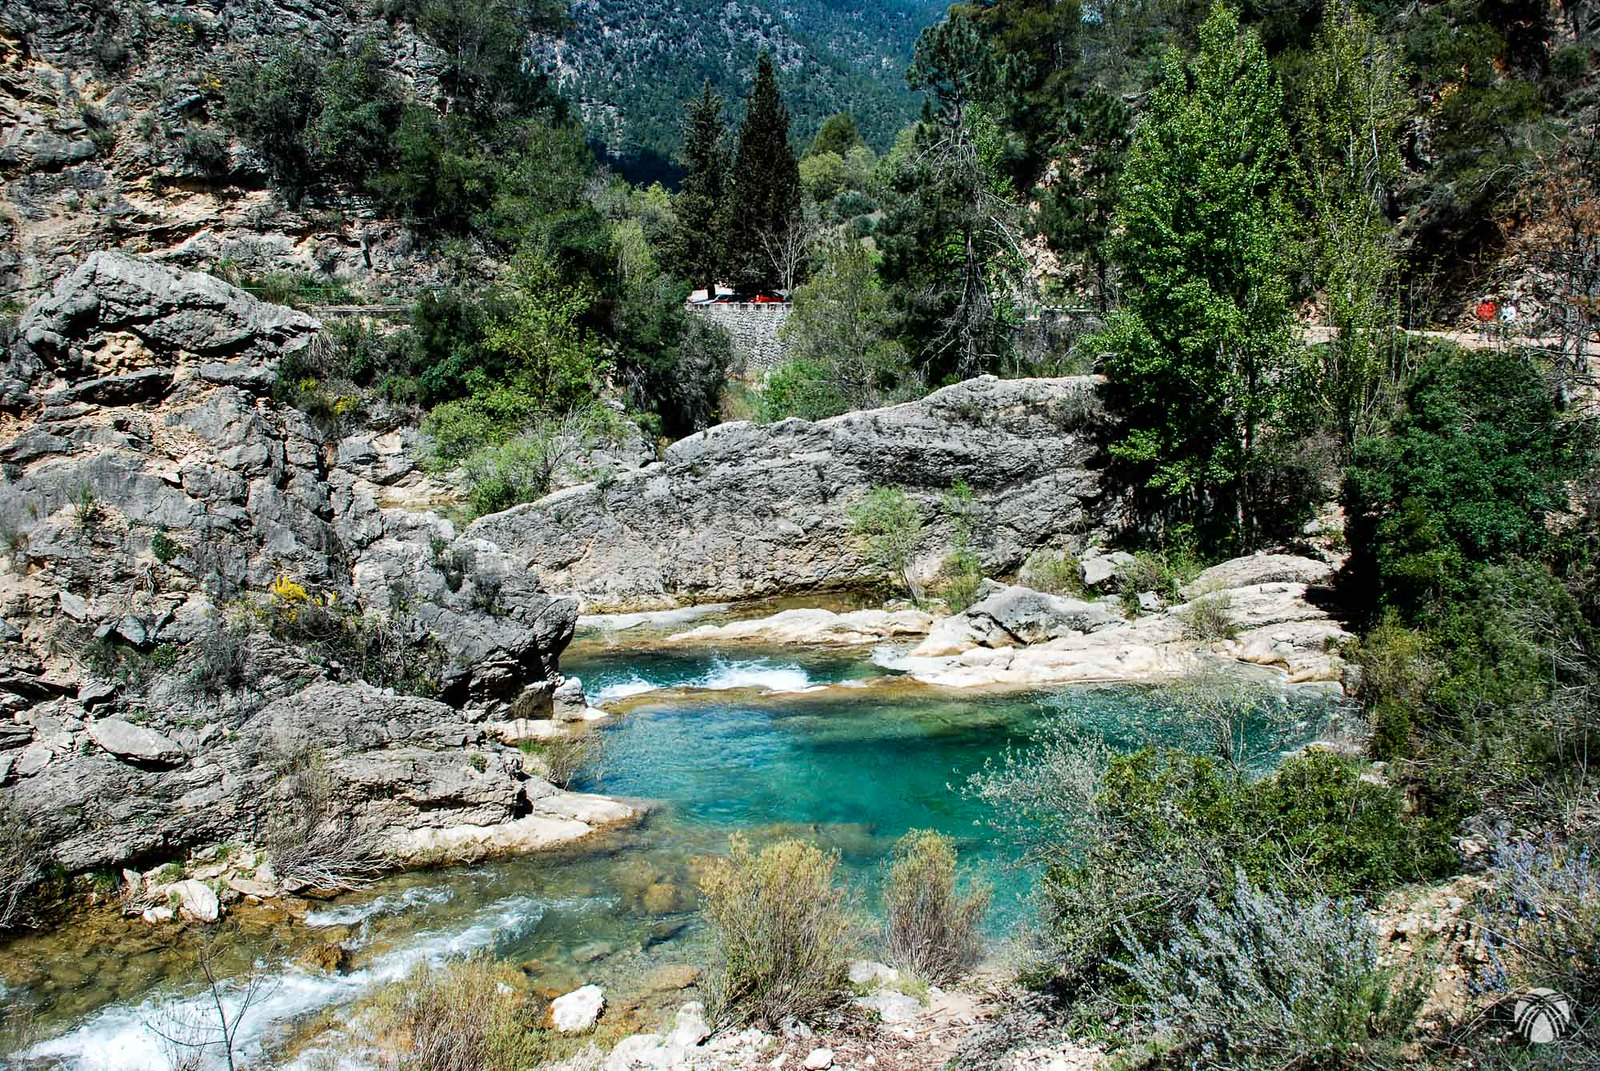 Río Borosa cristalino